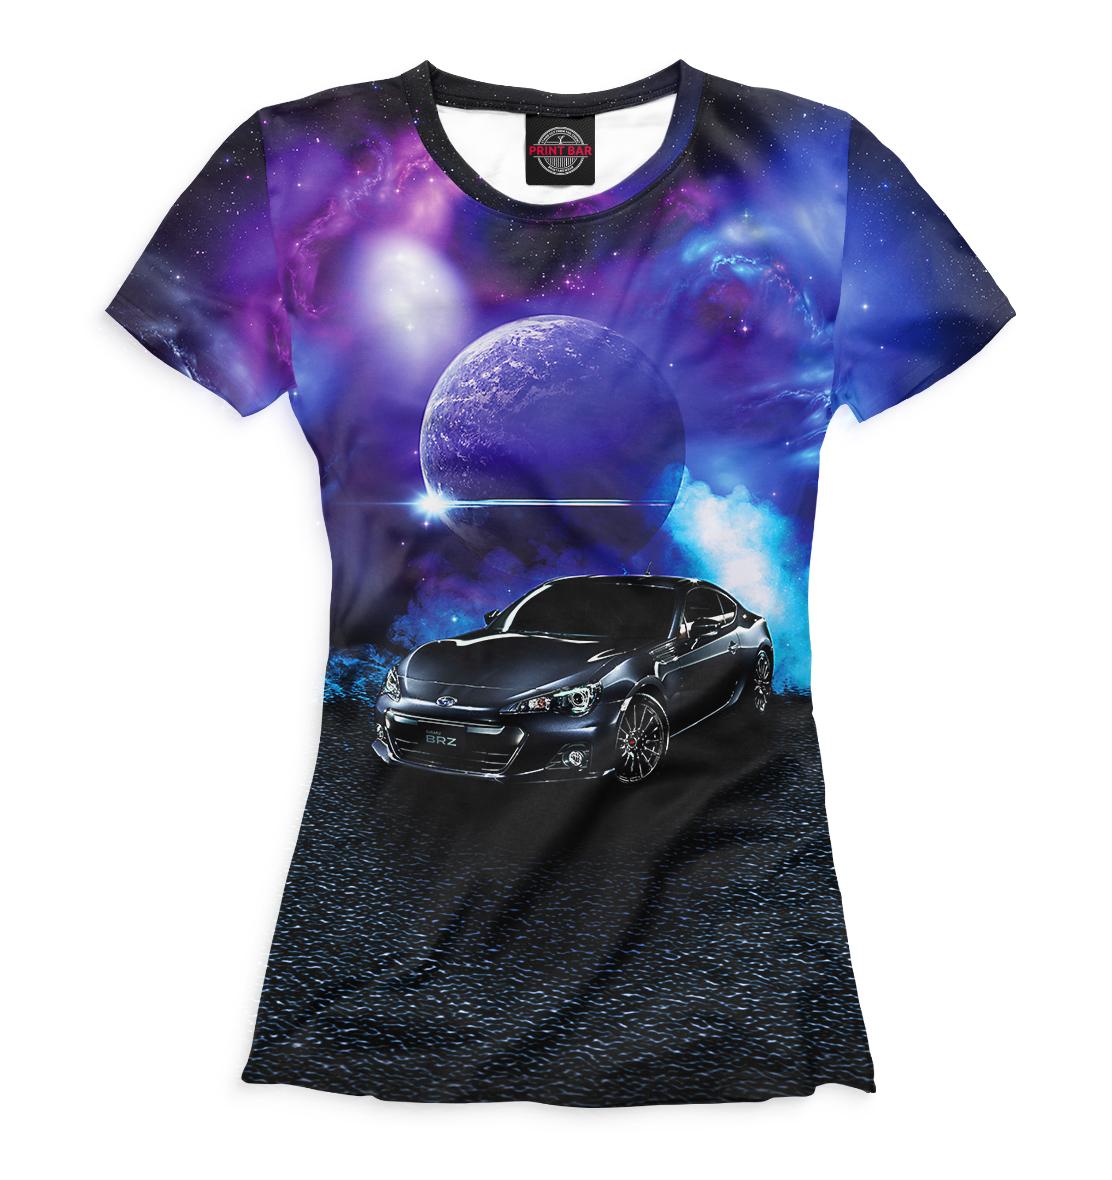 Купить Subaru, Printbar, Футболки, SBR-428232-fut-1